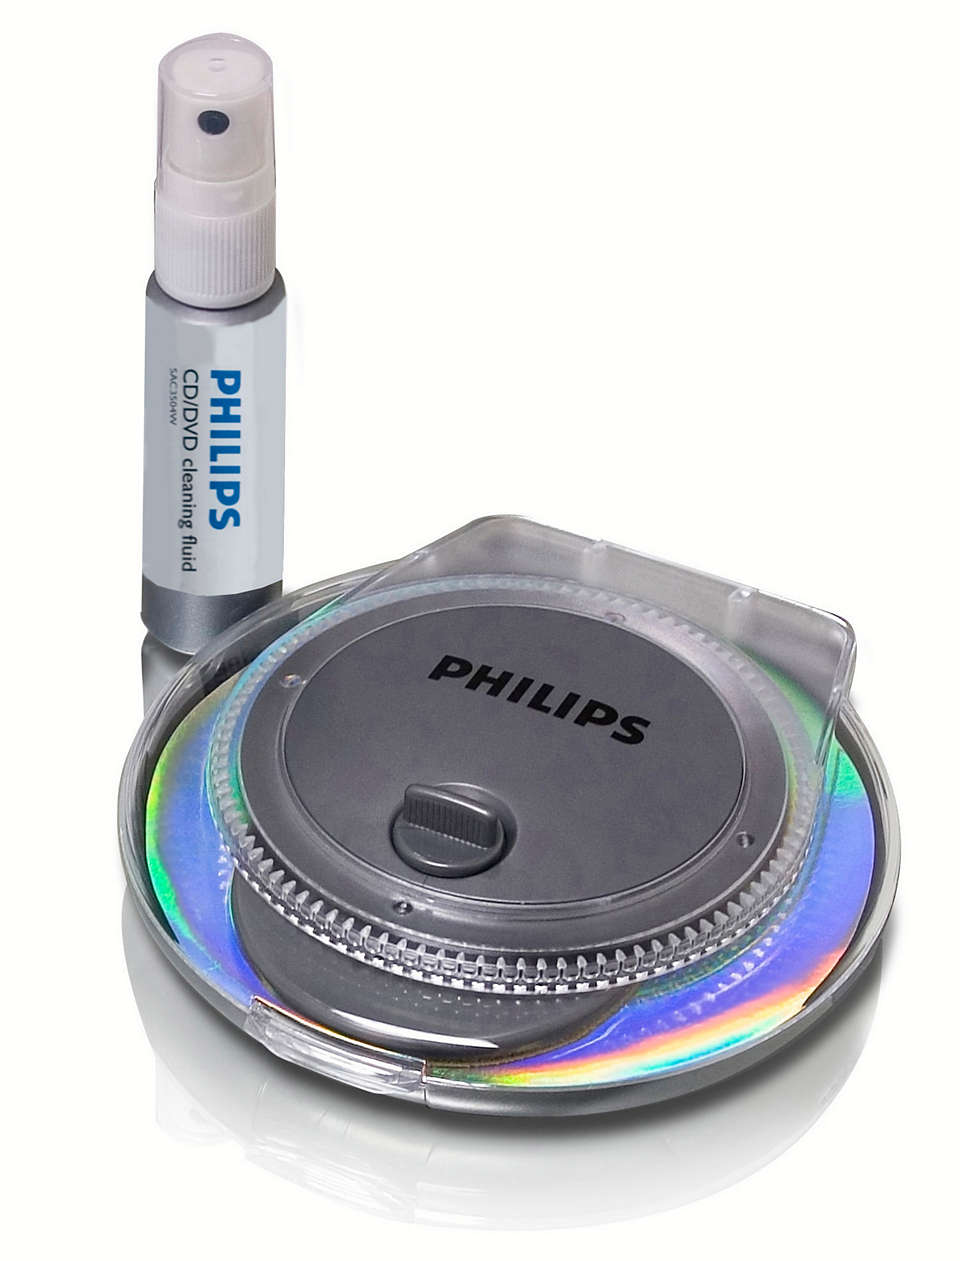 Nettoyeur radial pour CD/DVD